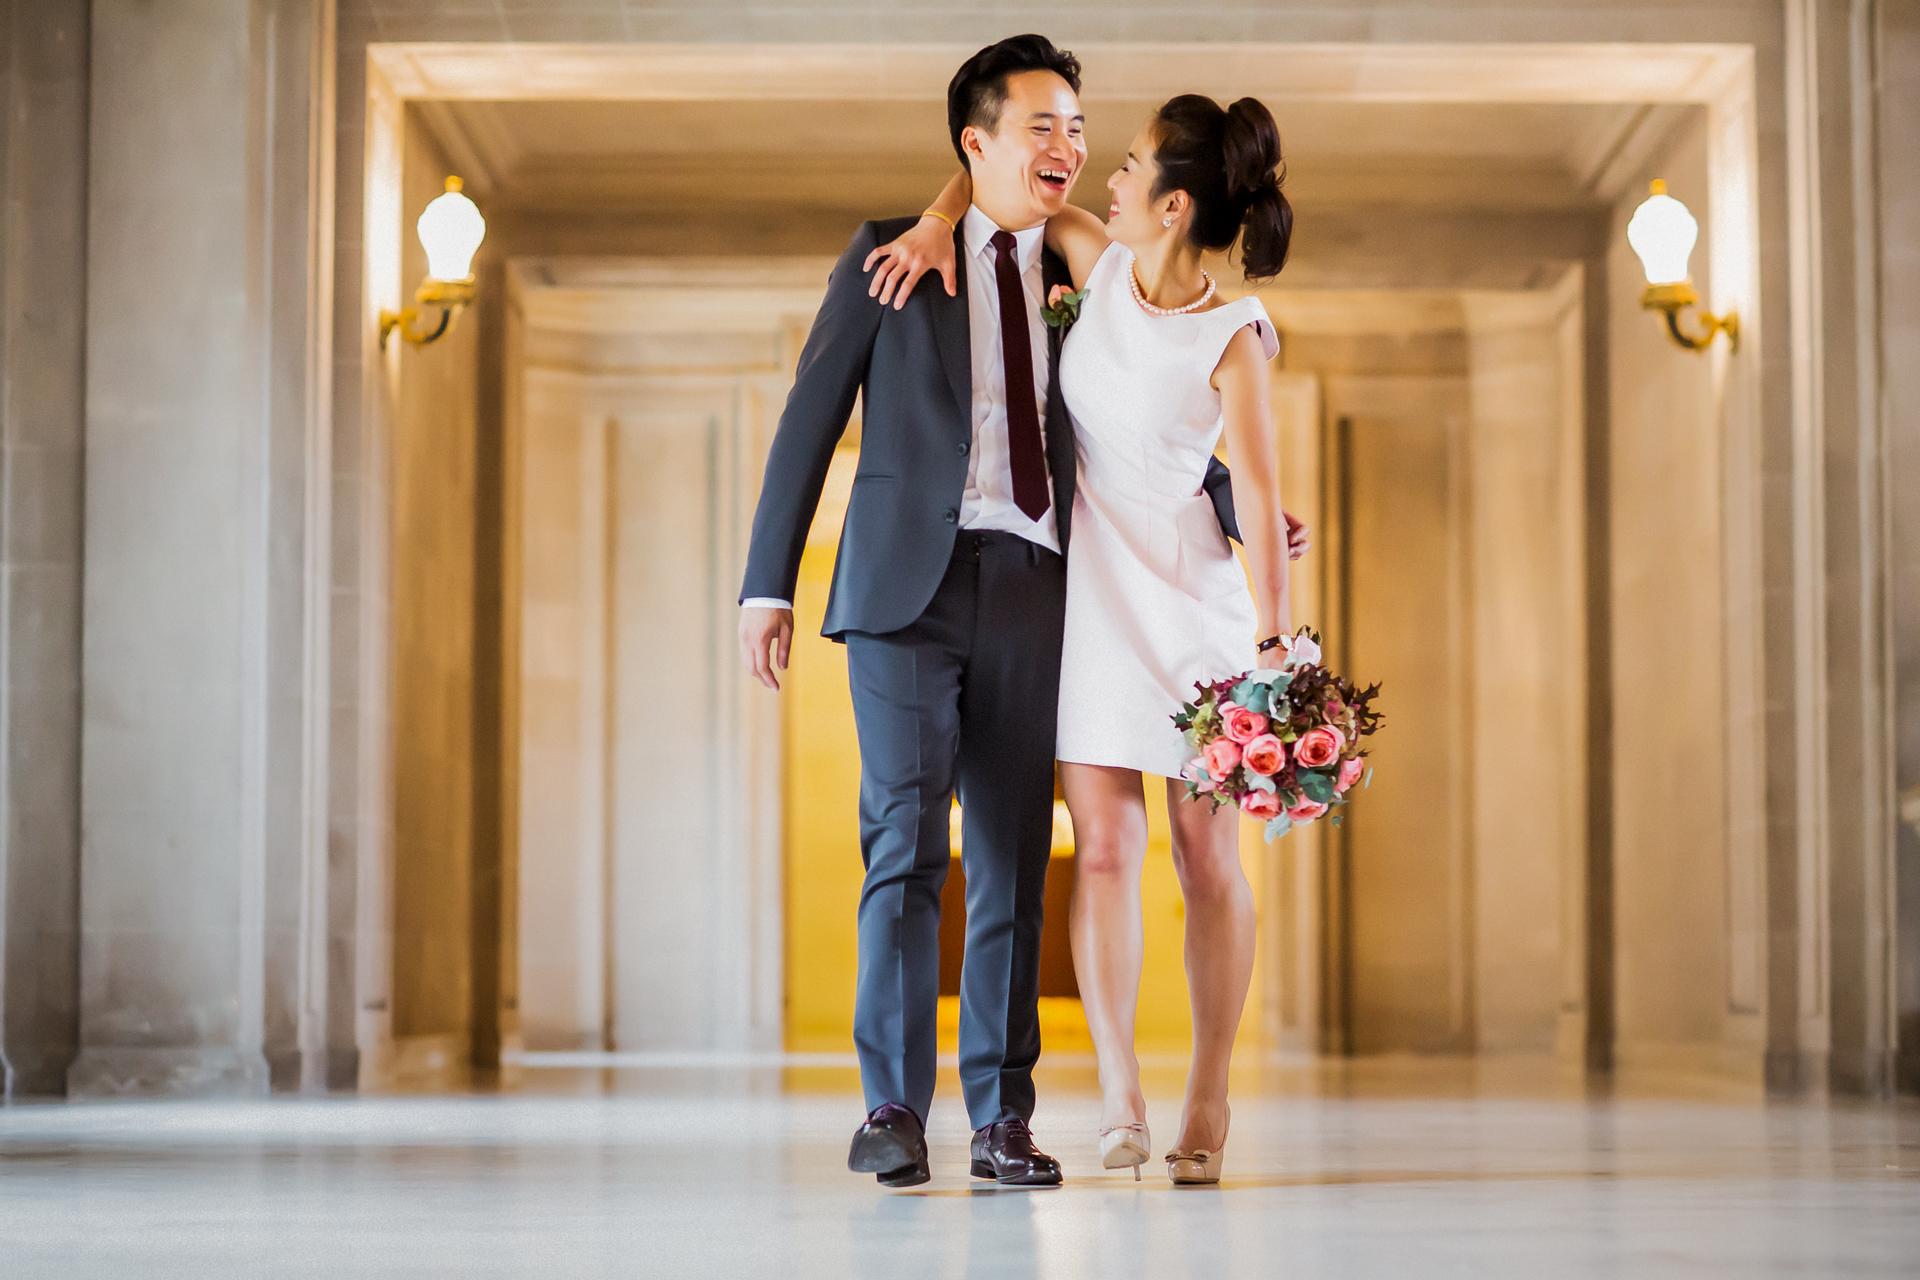 Fotografía de la boda civil del ayuntamiento de San Francisco   Sr. y Sra. Felizmente marchando